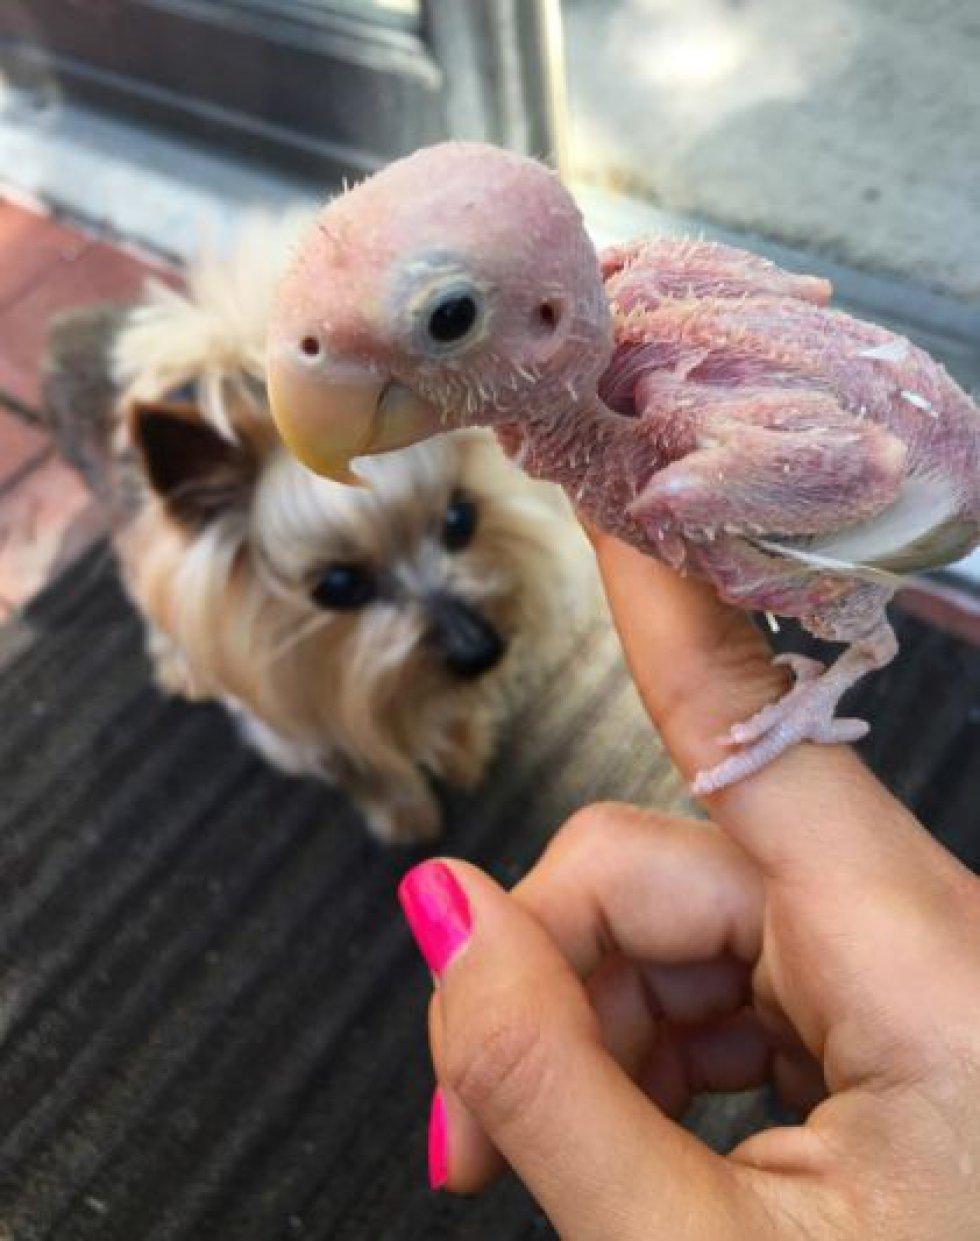 El ave no necesita grandes cuidados a pesar de su condición.